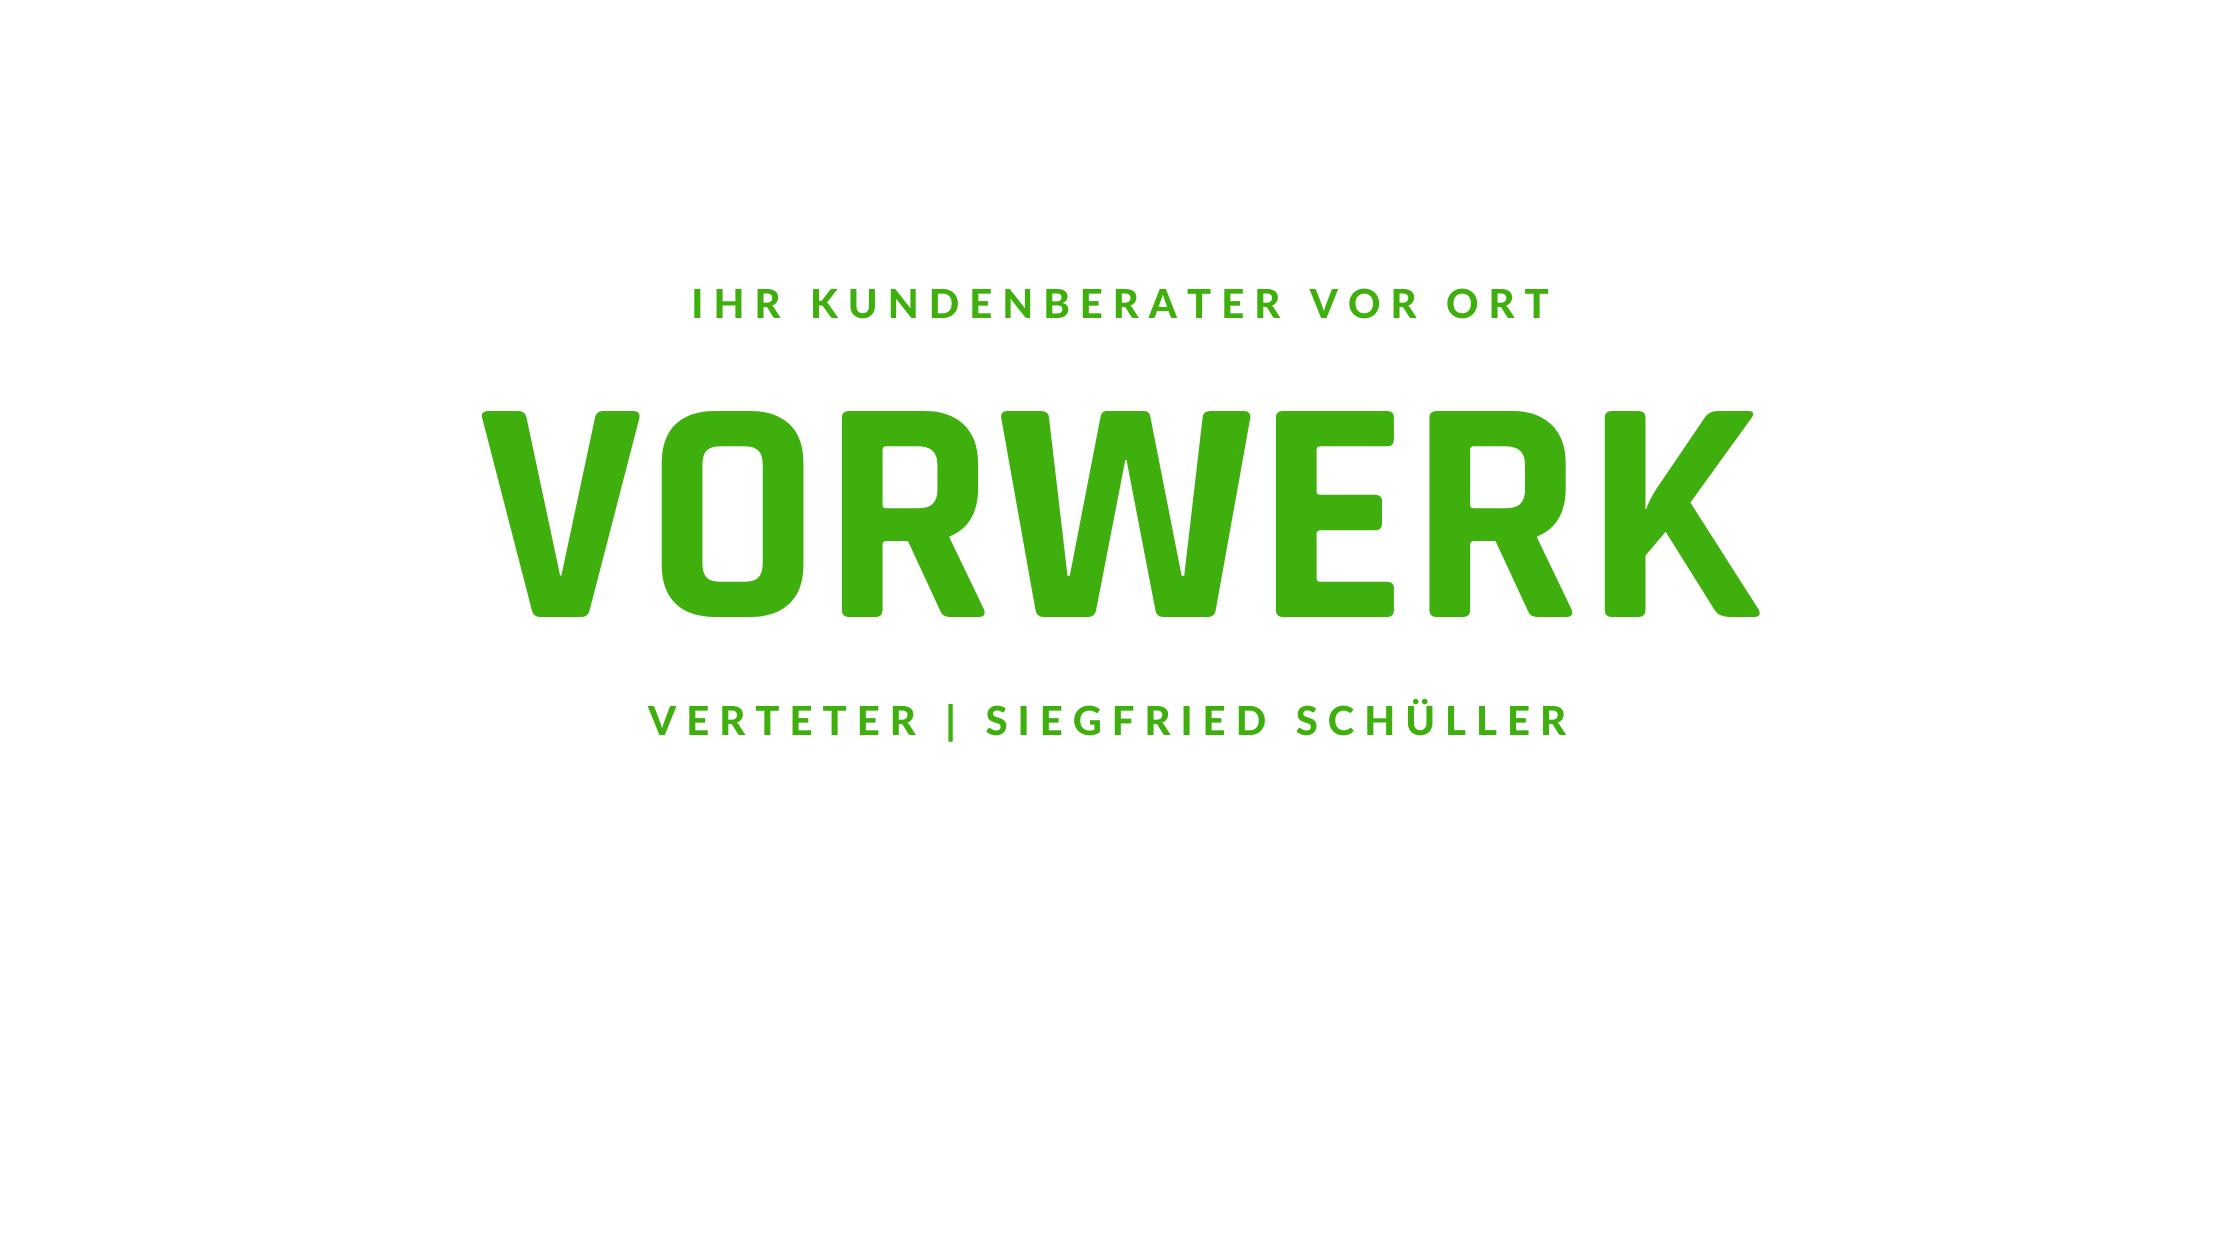 Vorwerk Kundenberater Staubsauger Akkusauger Roboter Saugwischer Fensterwischer Filter Allergiker Hund und Katze Tiger Kobold Vertreter Nürnberg Schwabach Fürth Erlangen Franken